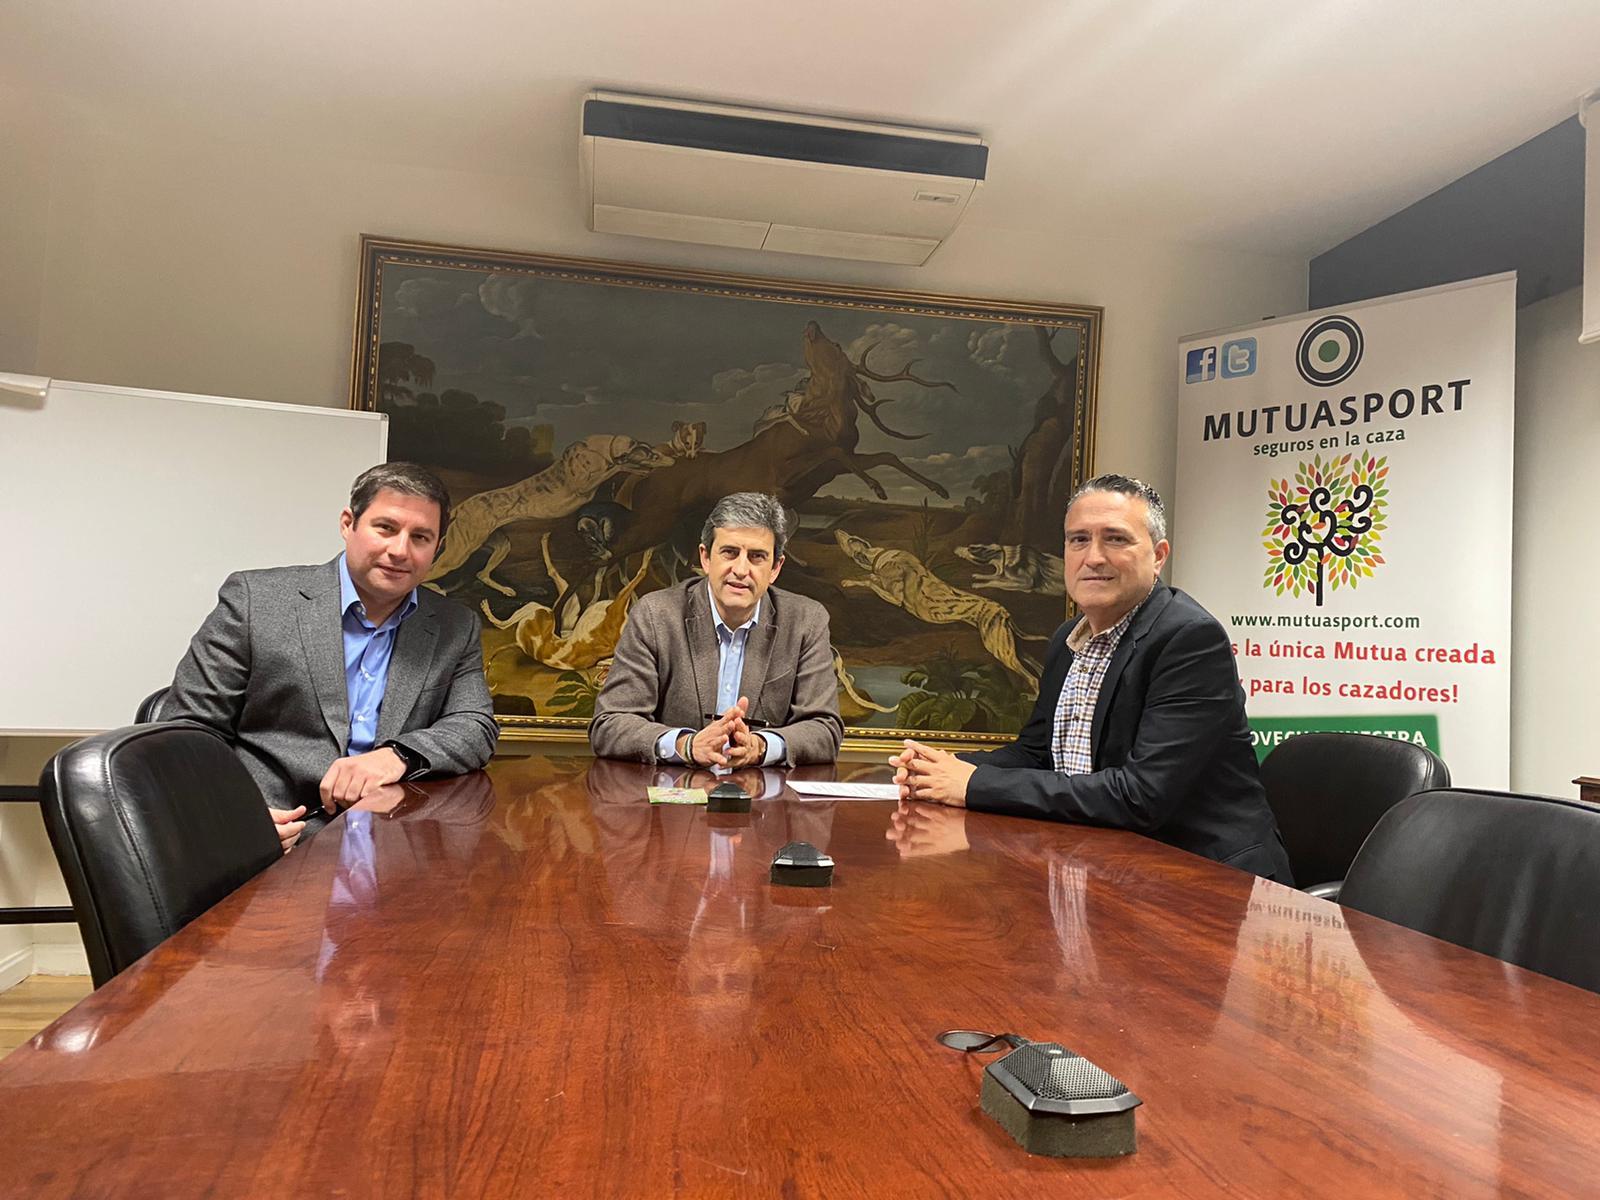 Mutuasport y la Federación de la Comunidad Valenciana se reúnen para afrontar los nuevos cambios.